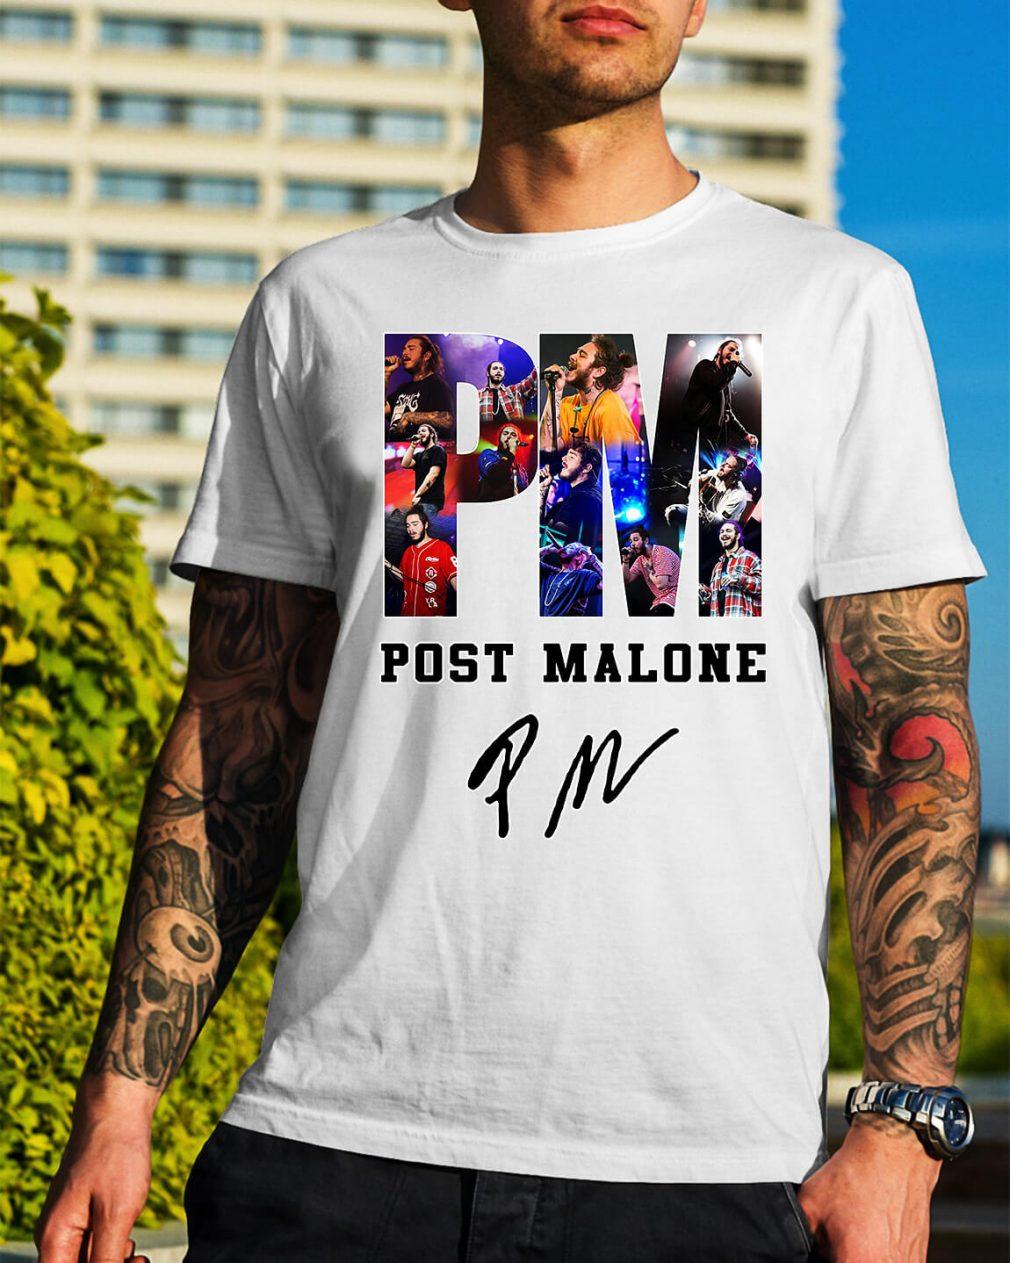 PM Post Malone shirt